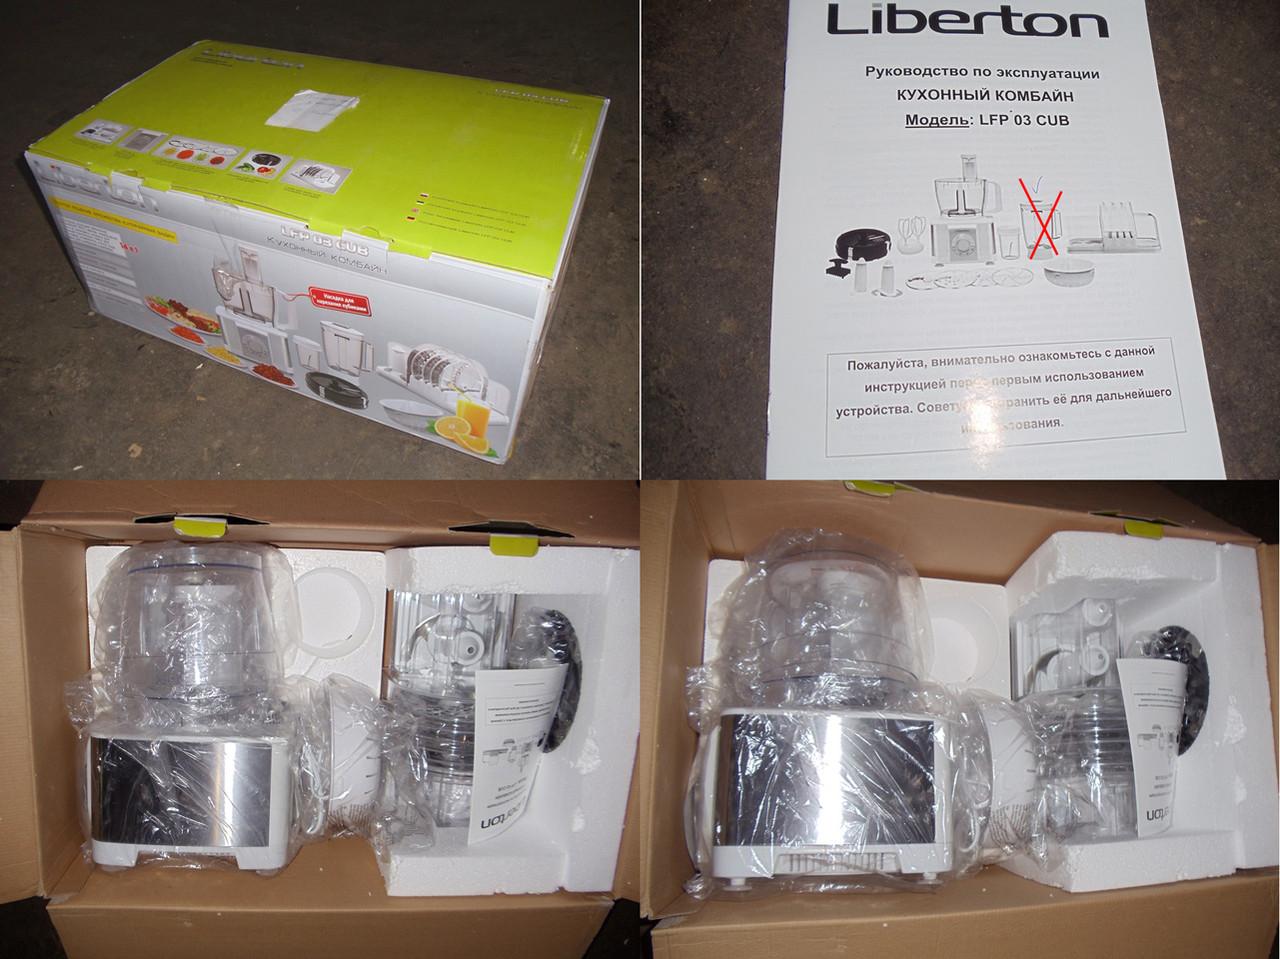 Комбайн LIBERTON LFP-03 CUB